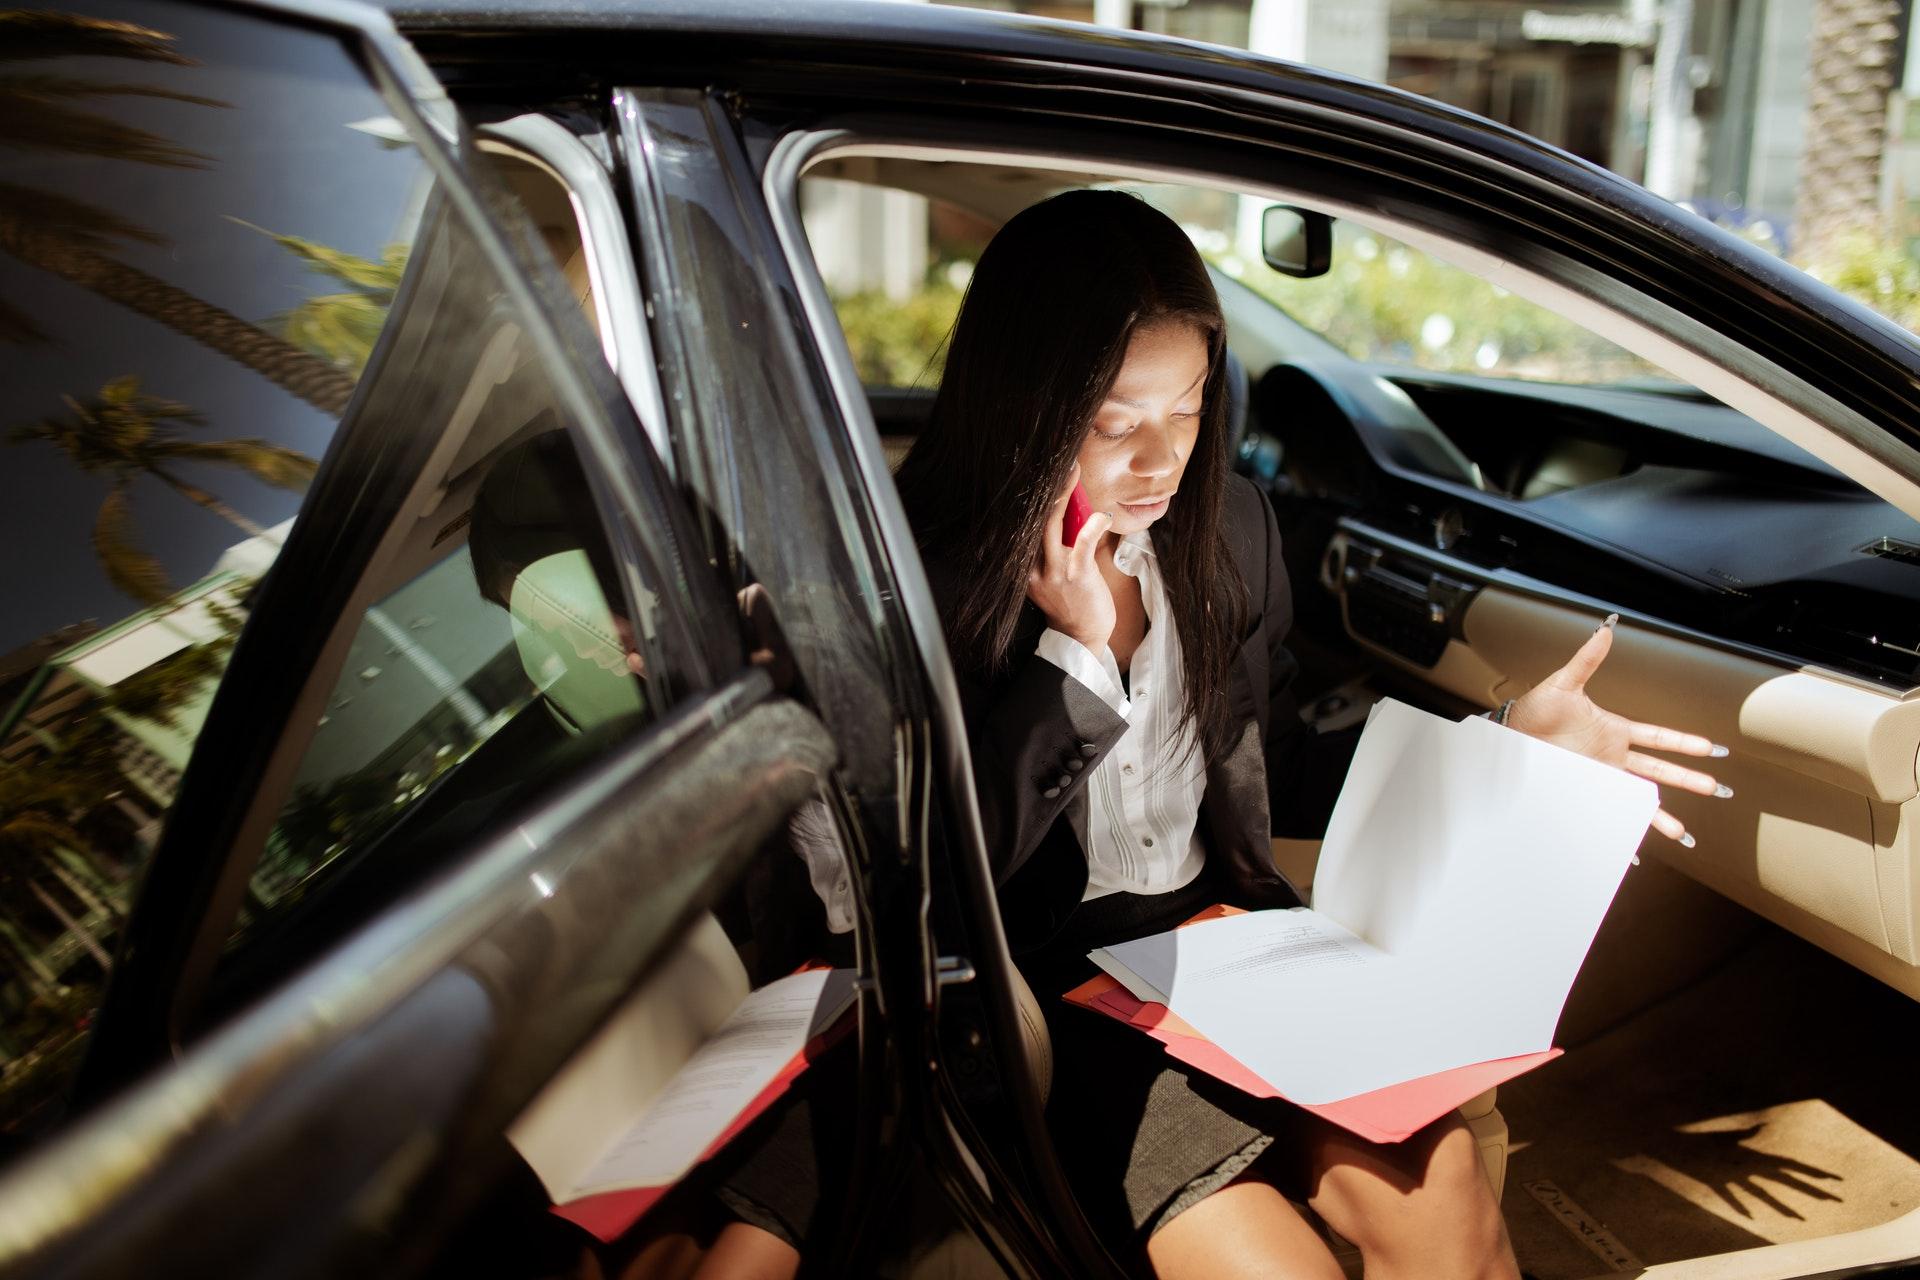 Tłumaczenia dokumentów samochodowych – kiedy są potrzebne? - Zdjęcie główne